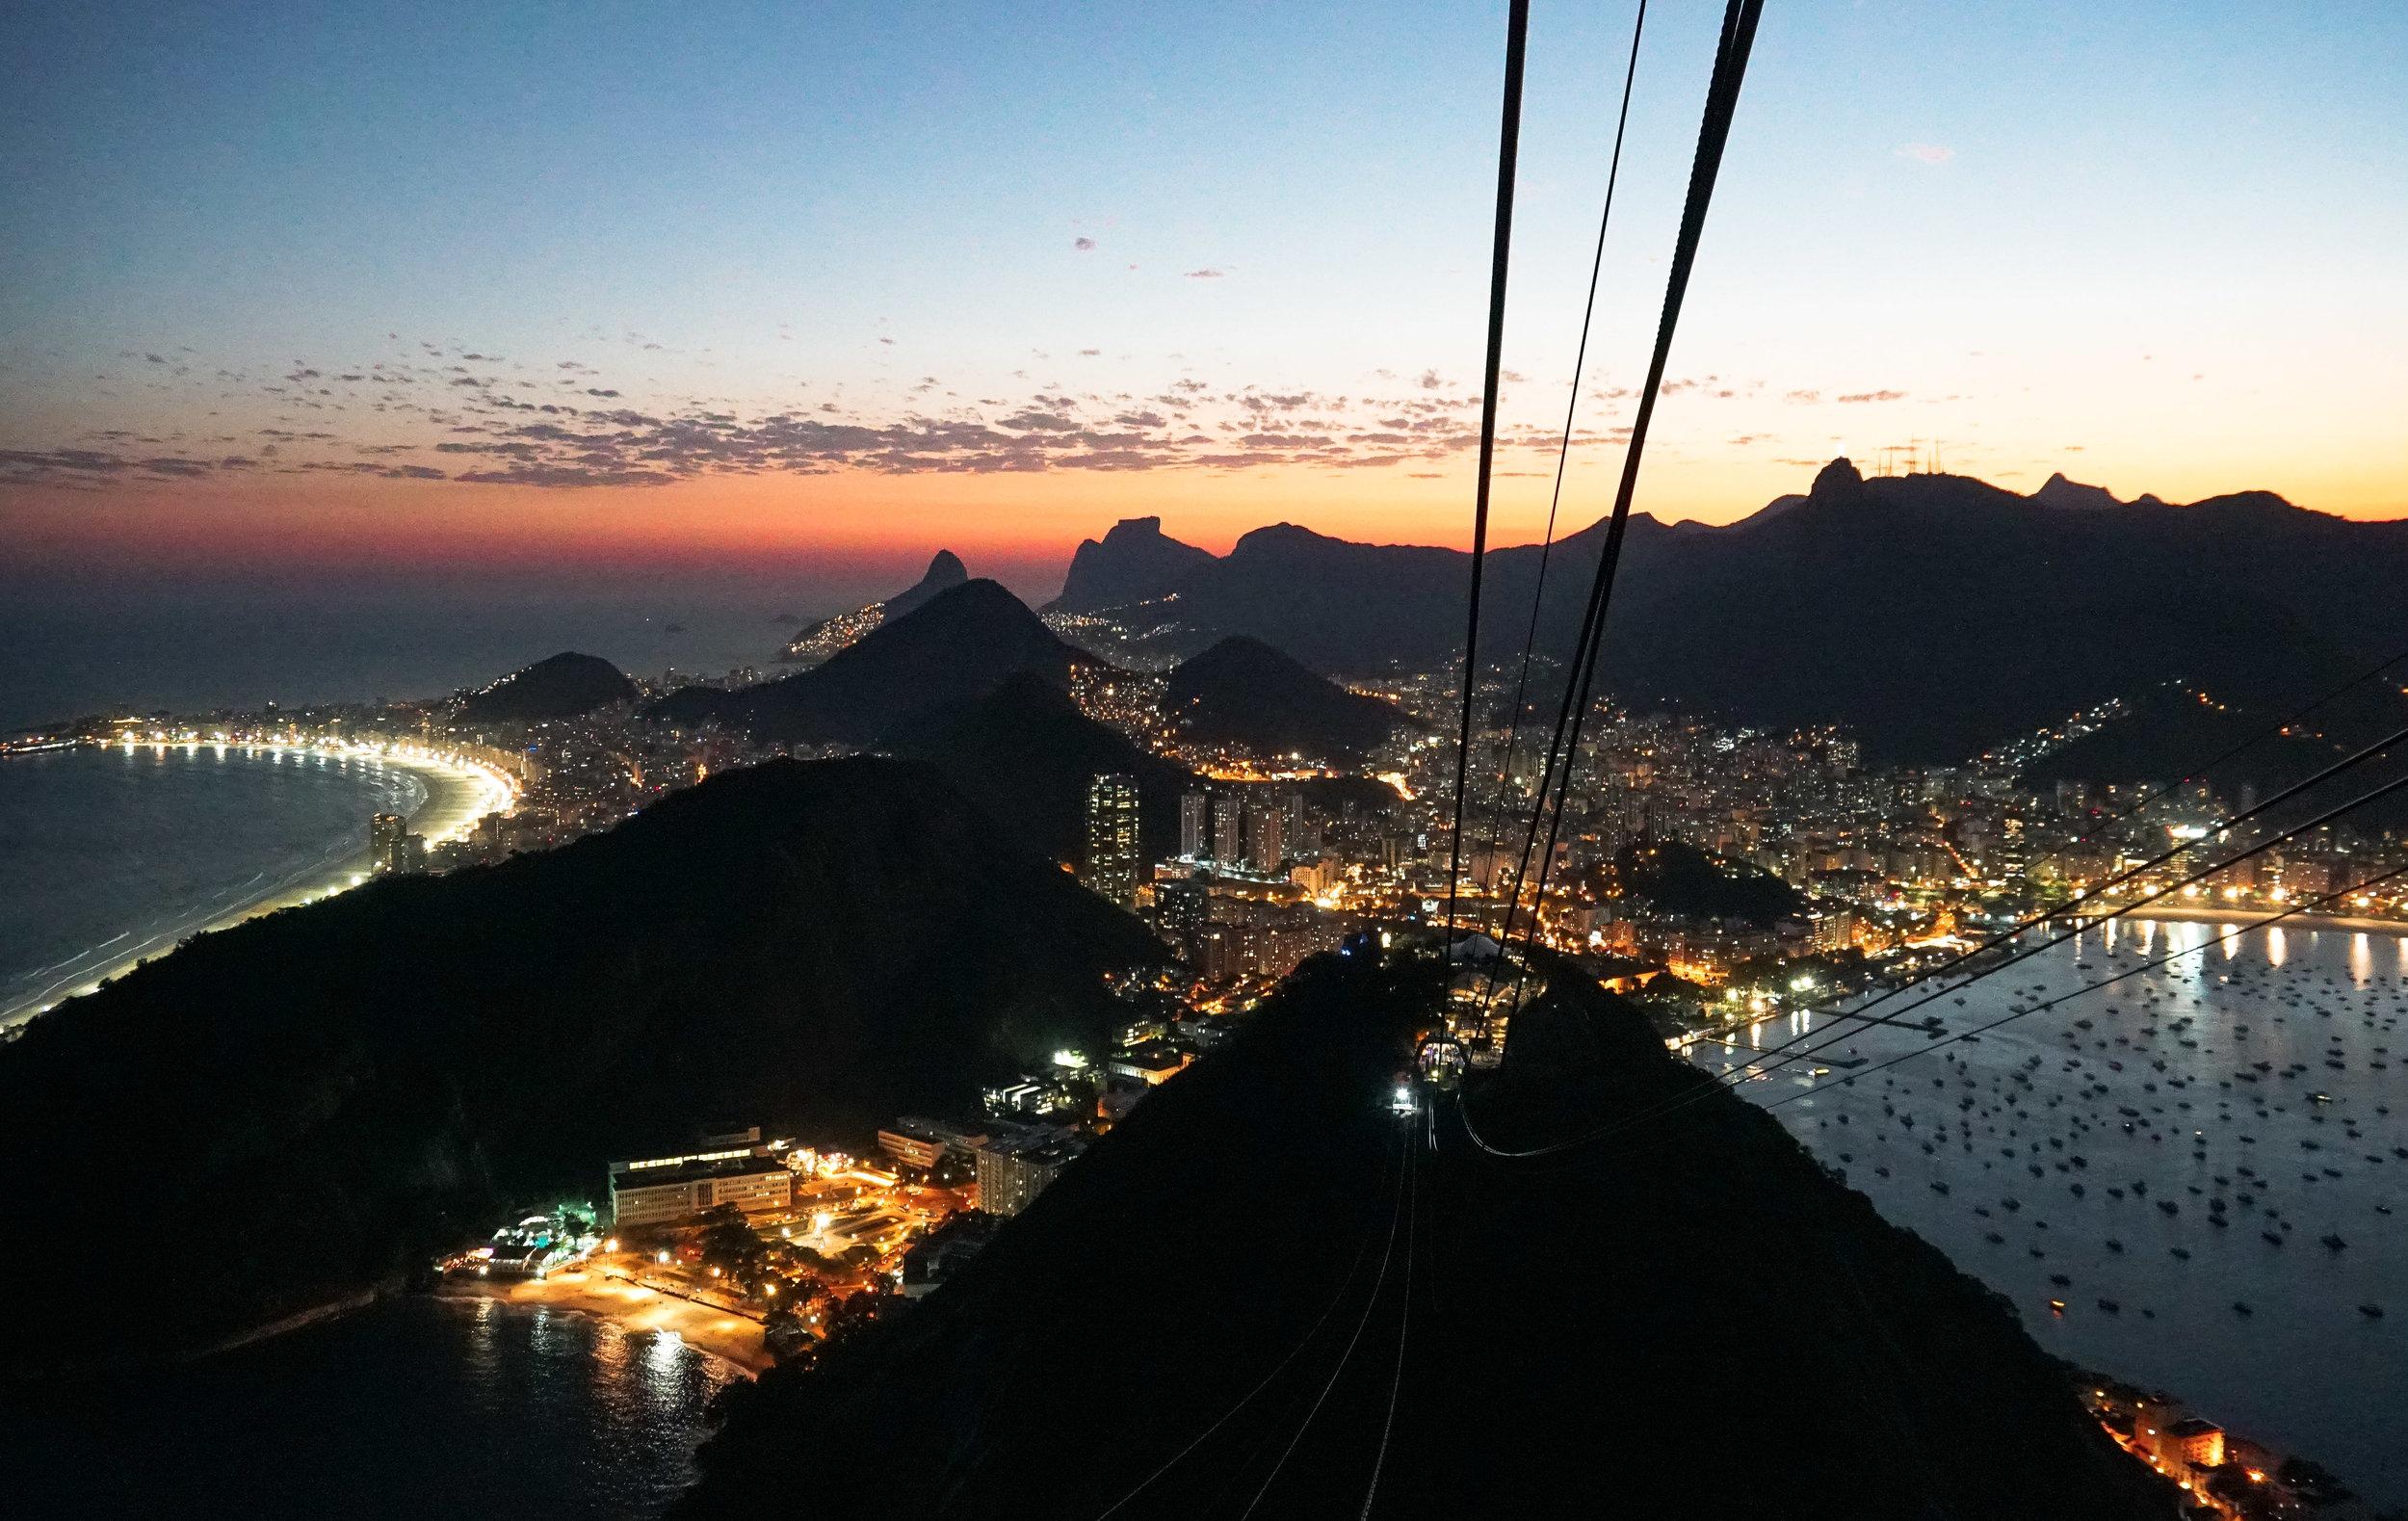 curio.trips.brazil.rio.de.janeiro.sugar.loaf.night.view.landscape.jpg